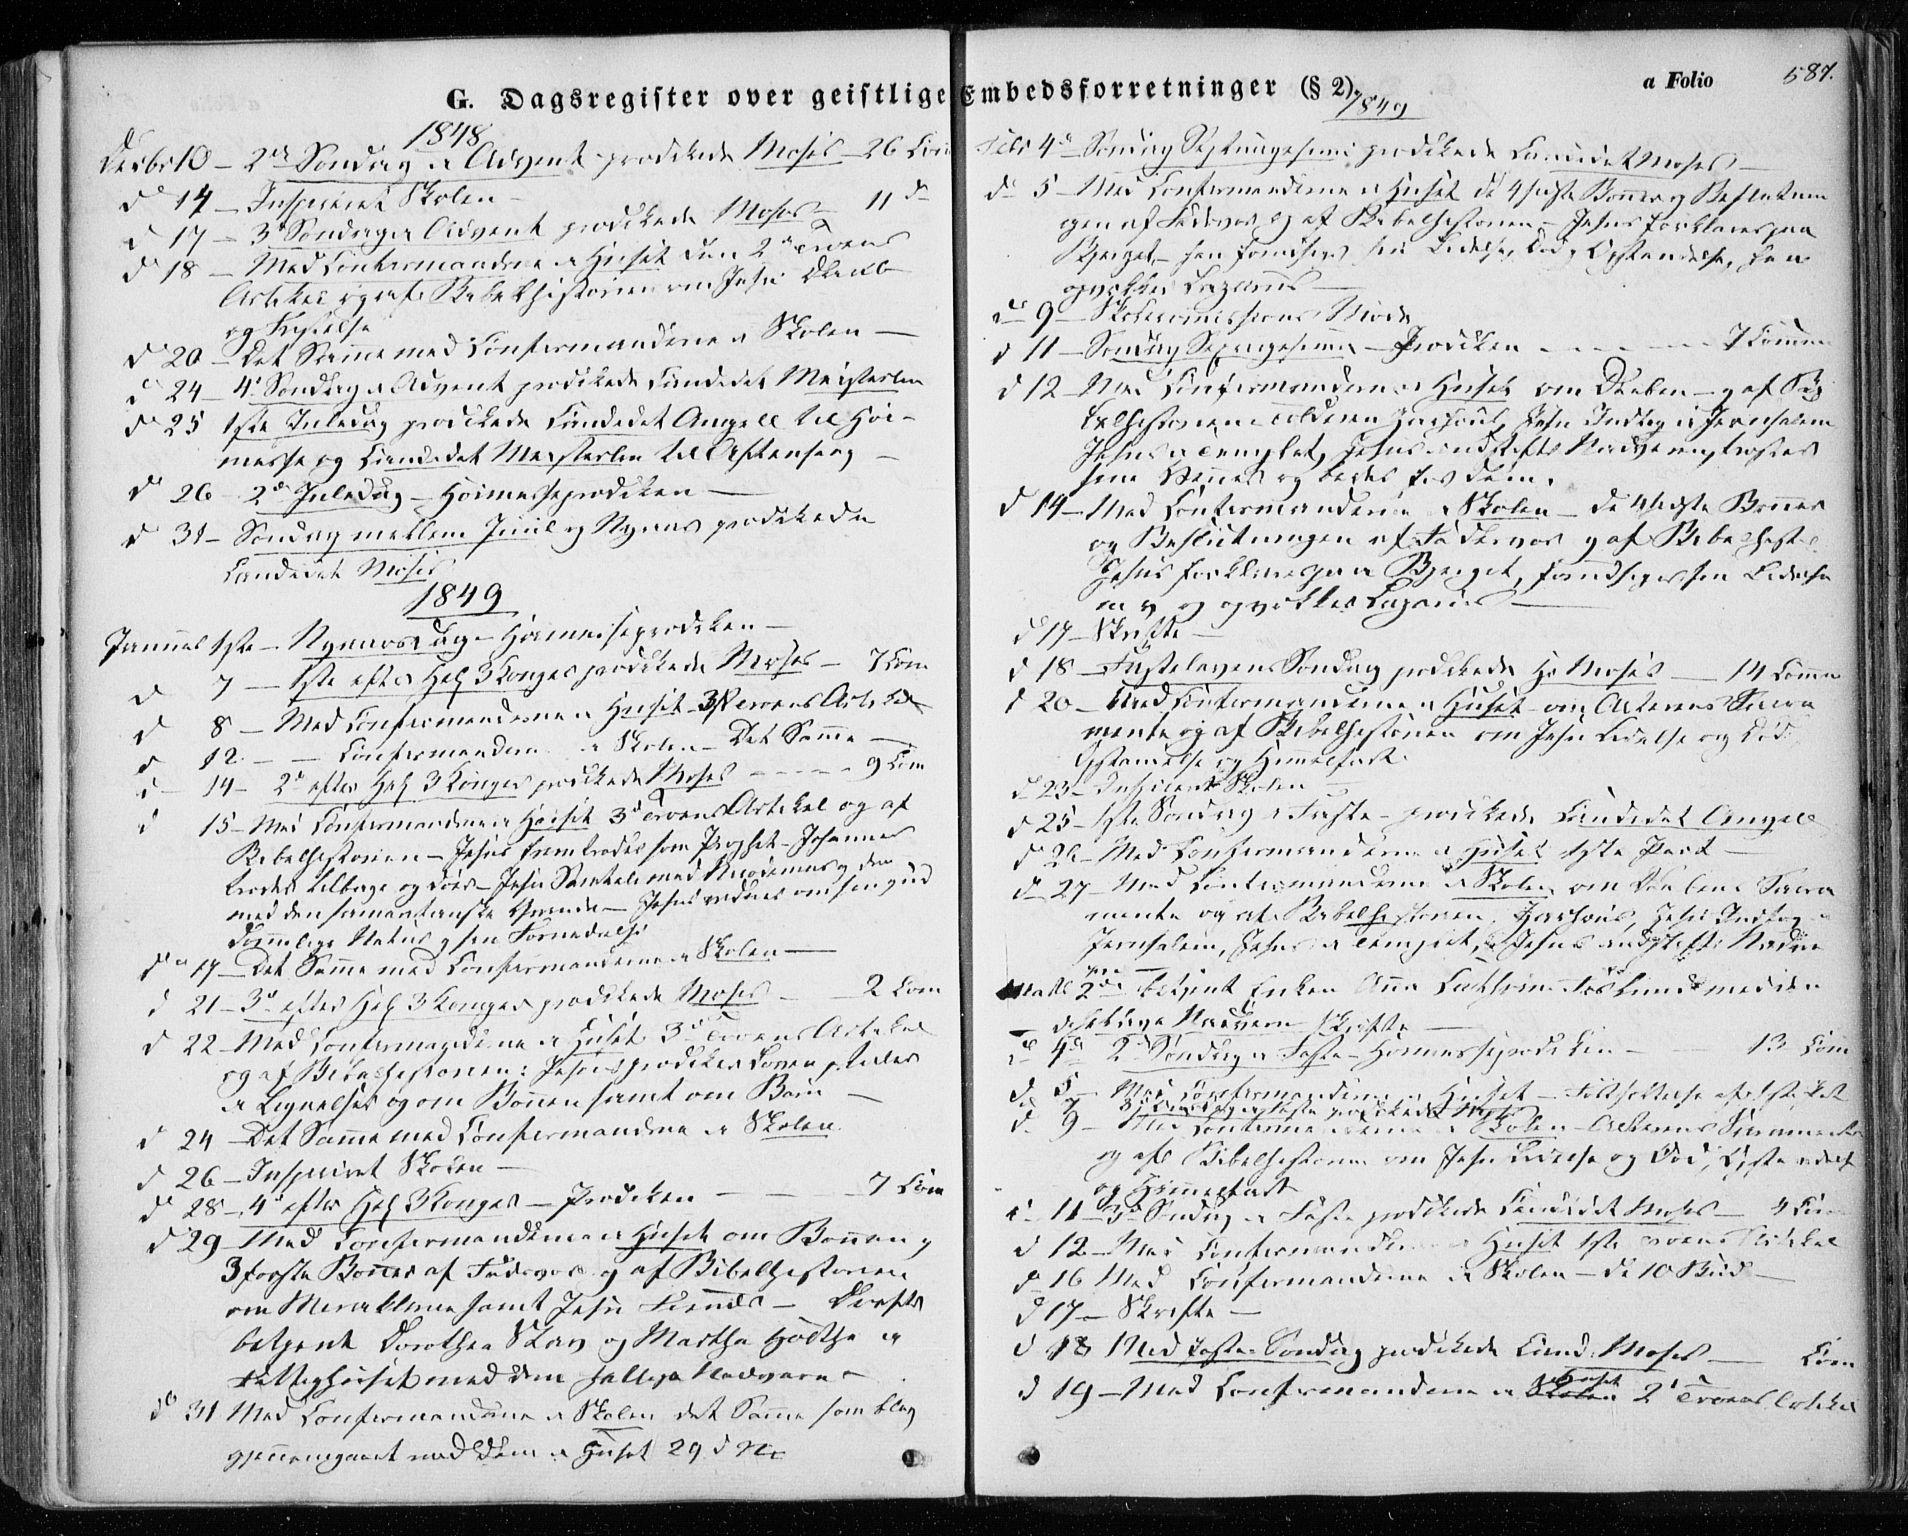 SAT, Ministerialprotokoller, klokkerbøker og fødselsregistre - Sør-Trøndelag, 601/L0051: Ministerialbok nr. 601A19, 1848-1857, s. 587